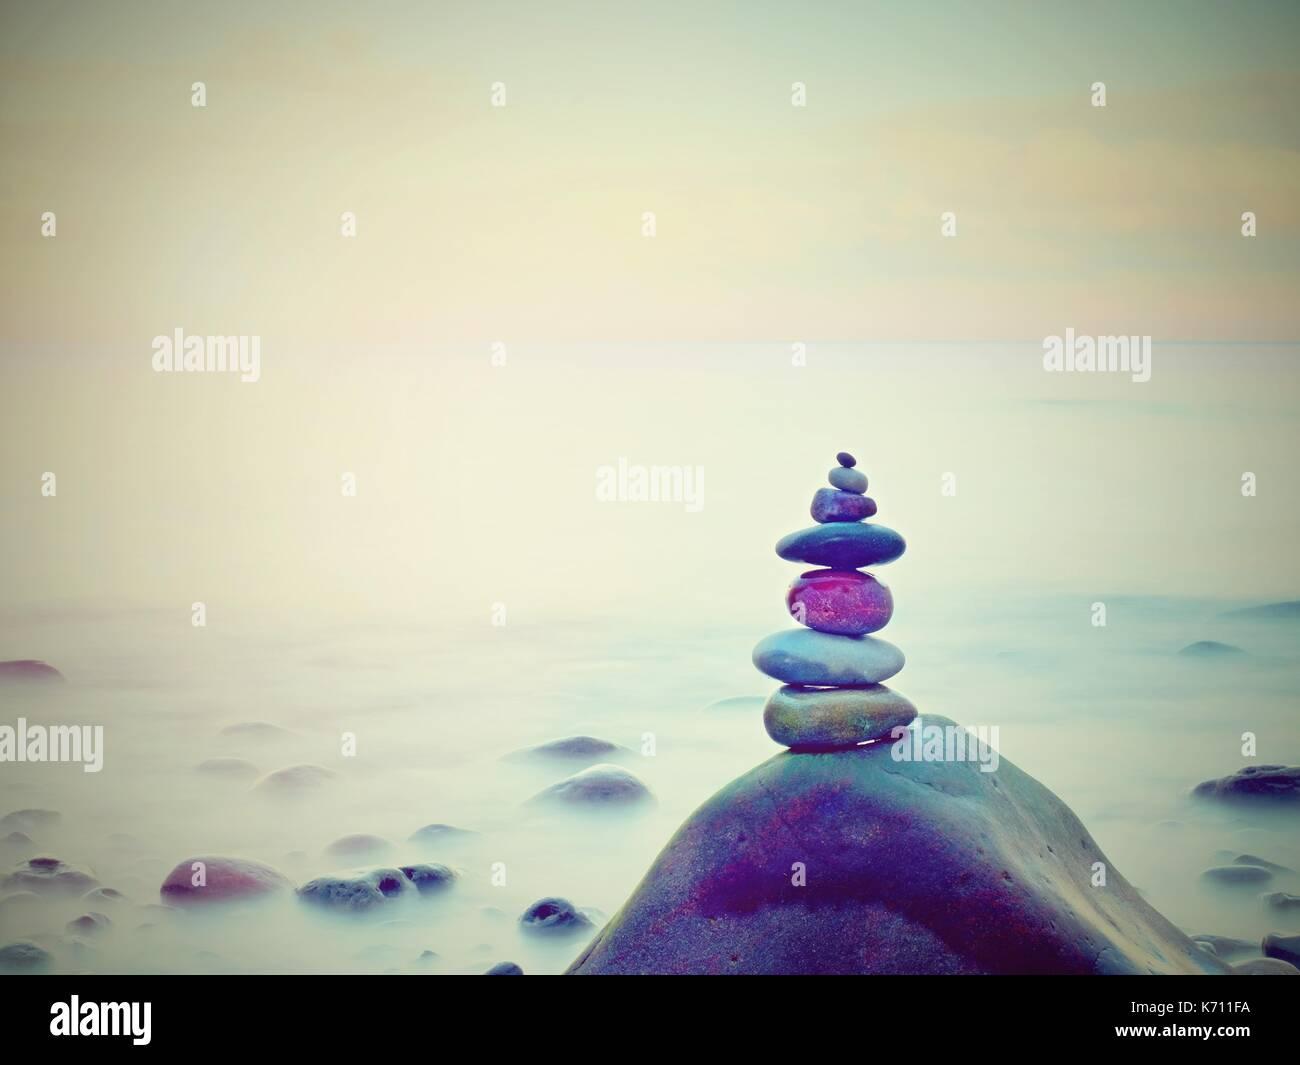 Pyramide des pierres sur une plage de galets symbolisant la stabilité, le zen, l'harmonie, l'équilibre. tropical sea beach. Photo Stock